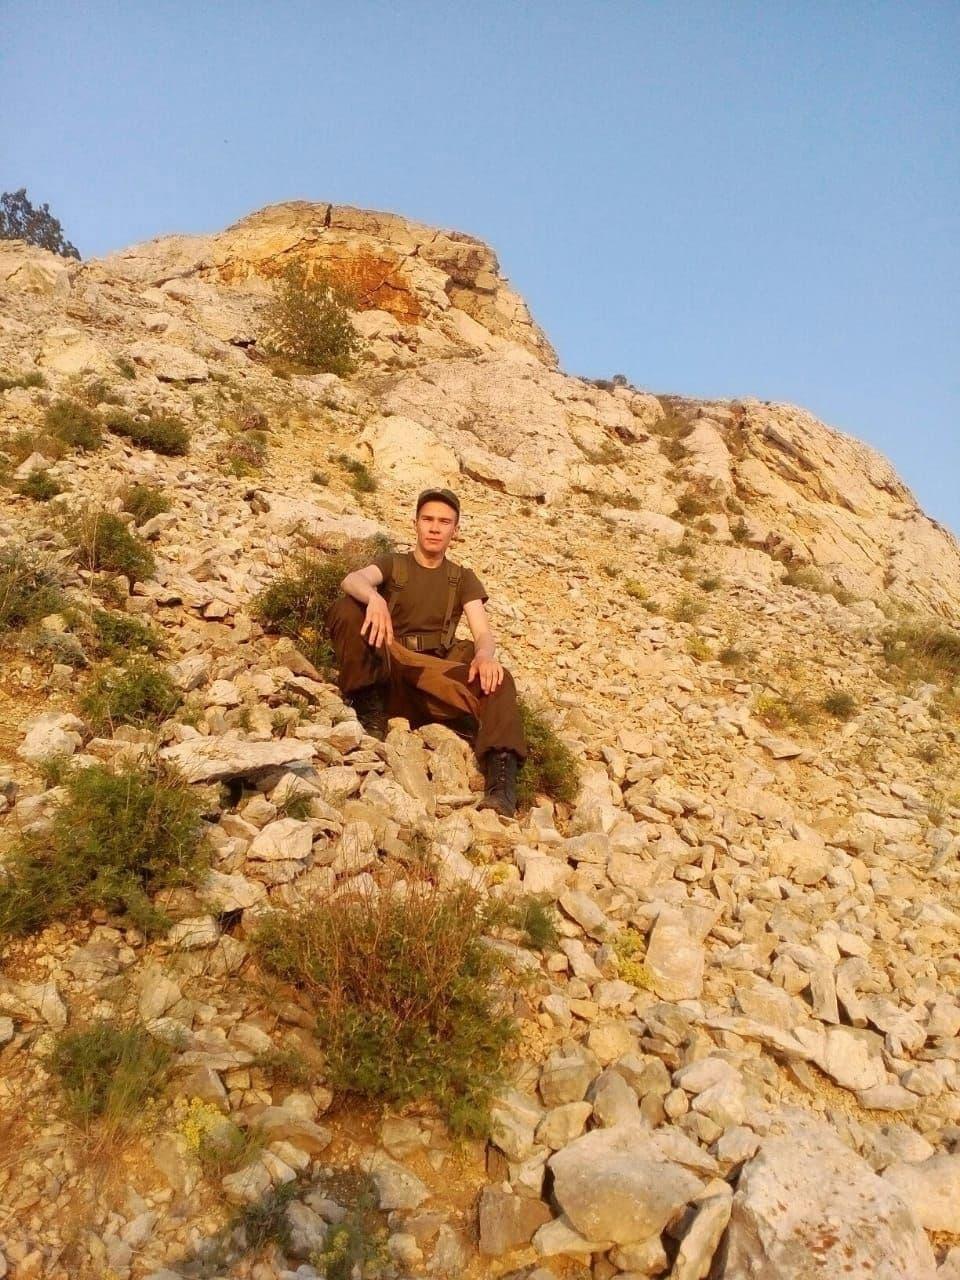 В Башкирии росгвардеец совместно с товарищем спасли заблудившуюся в горном ущелье женщину в Мире новостей,ИНТЕРНЕТ ШКАТУЛКА,события,факты